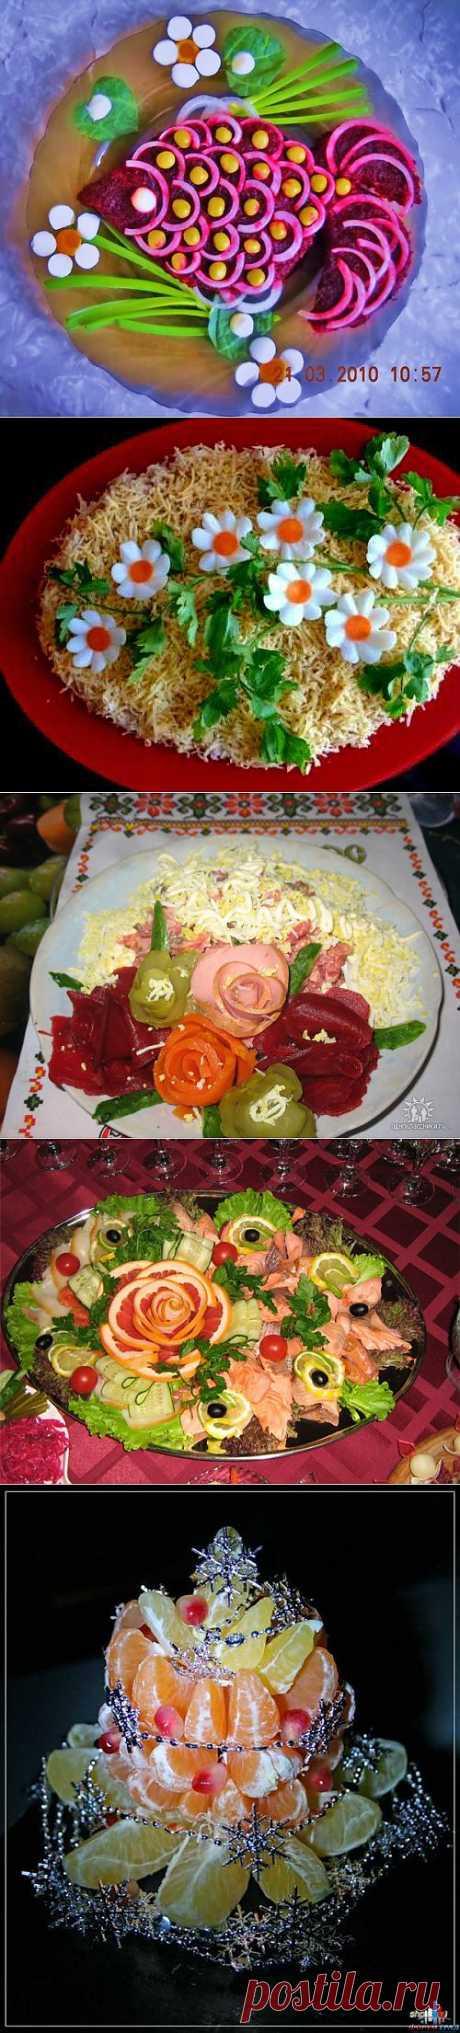 (+1) - Украшение салатов и вторых блюд. Великолепная подборка! | Любимые рецепты